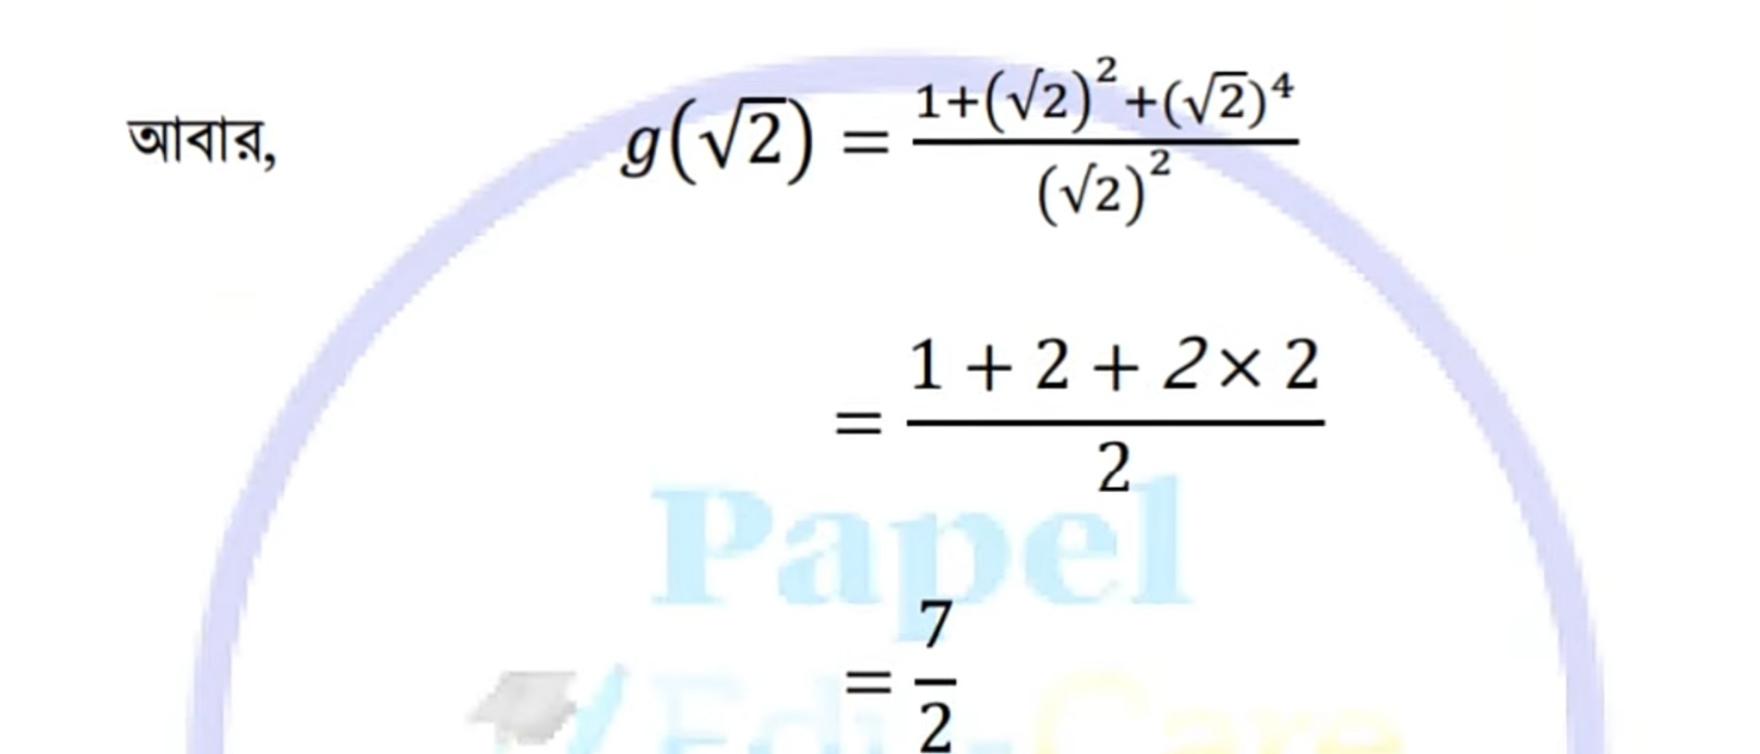 3এবং √11 দুইটি বাস্তব সংখ্যার মধ্যে কোনটি মূলদ ও কোনটি অমূলদ ? এদের মধ্যবর্তী দুইটি অমূলদ সংখ্যা নির্ণয় কর। প্রমাণ কর যে, √7 একটি অমূলদ সংখ্যা।https://www.banglanewsexpress.com/